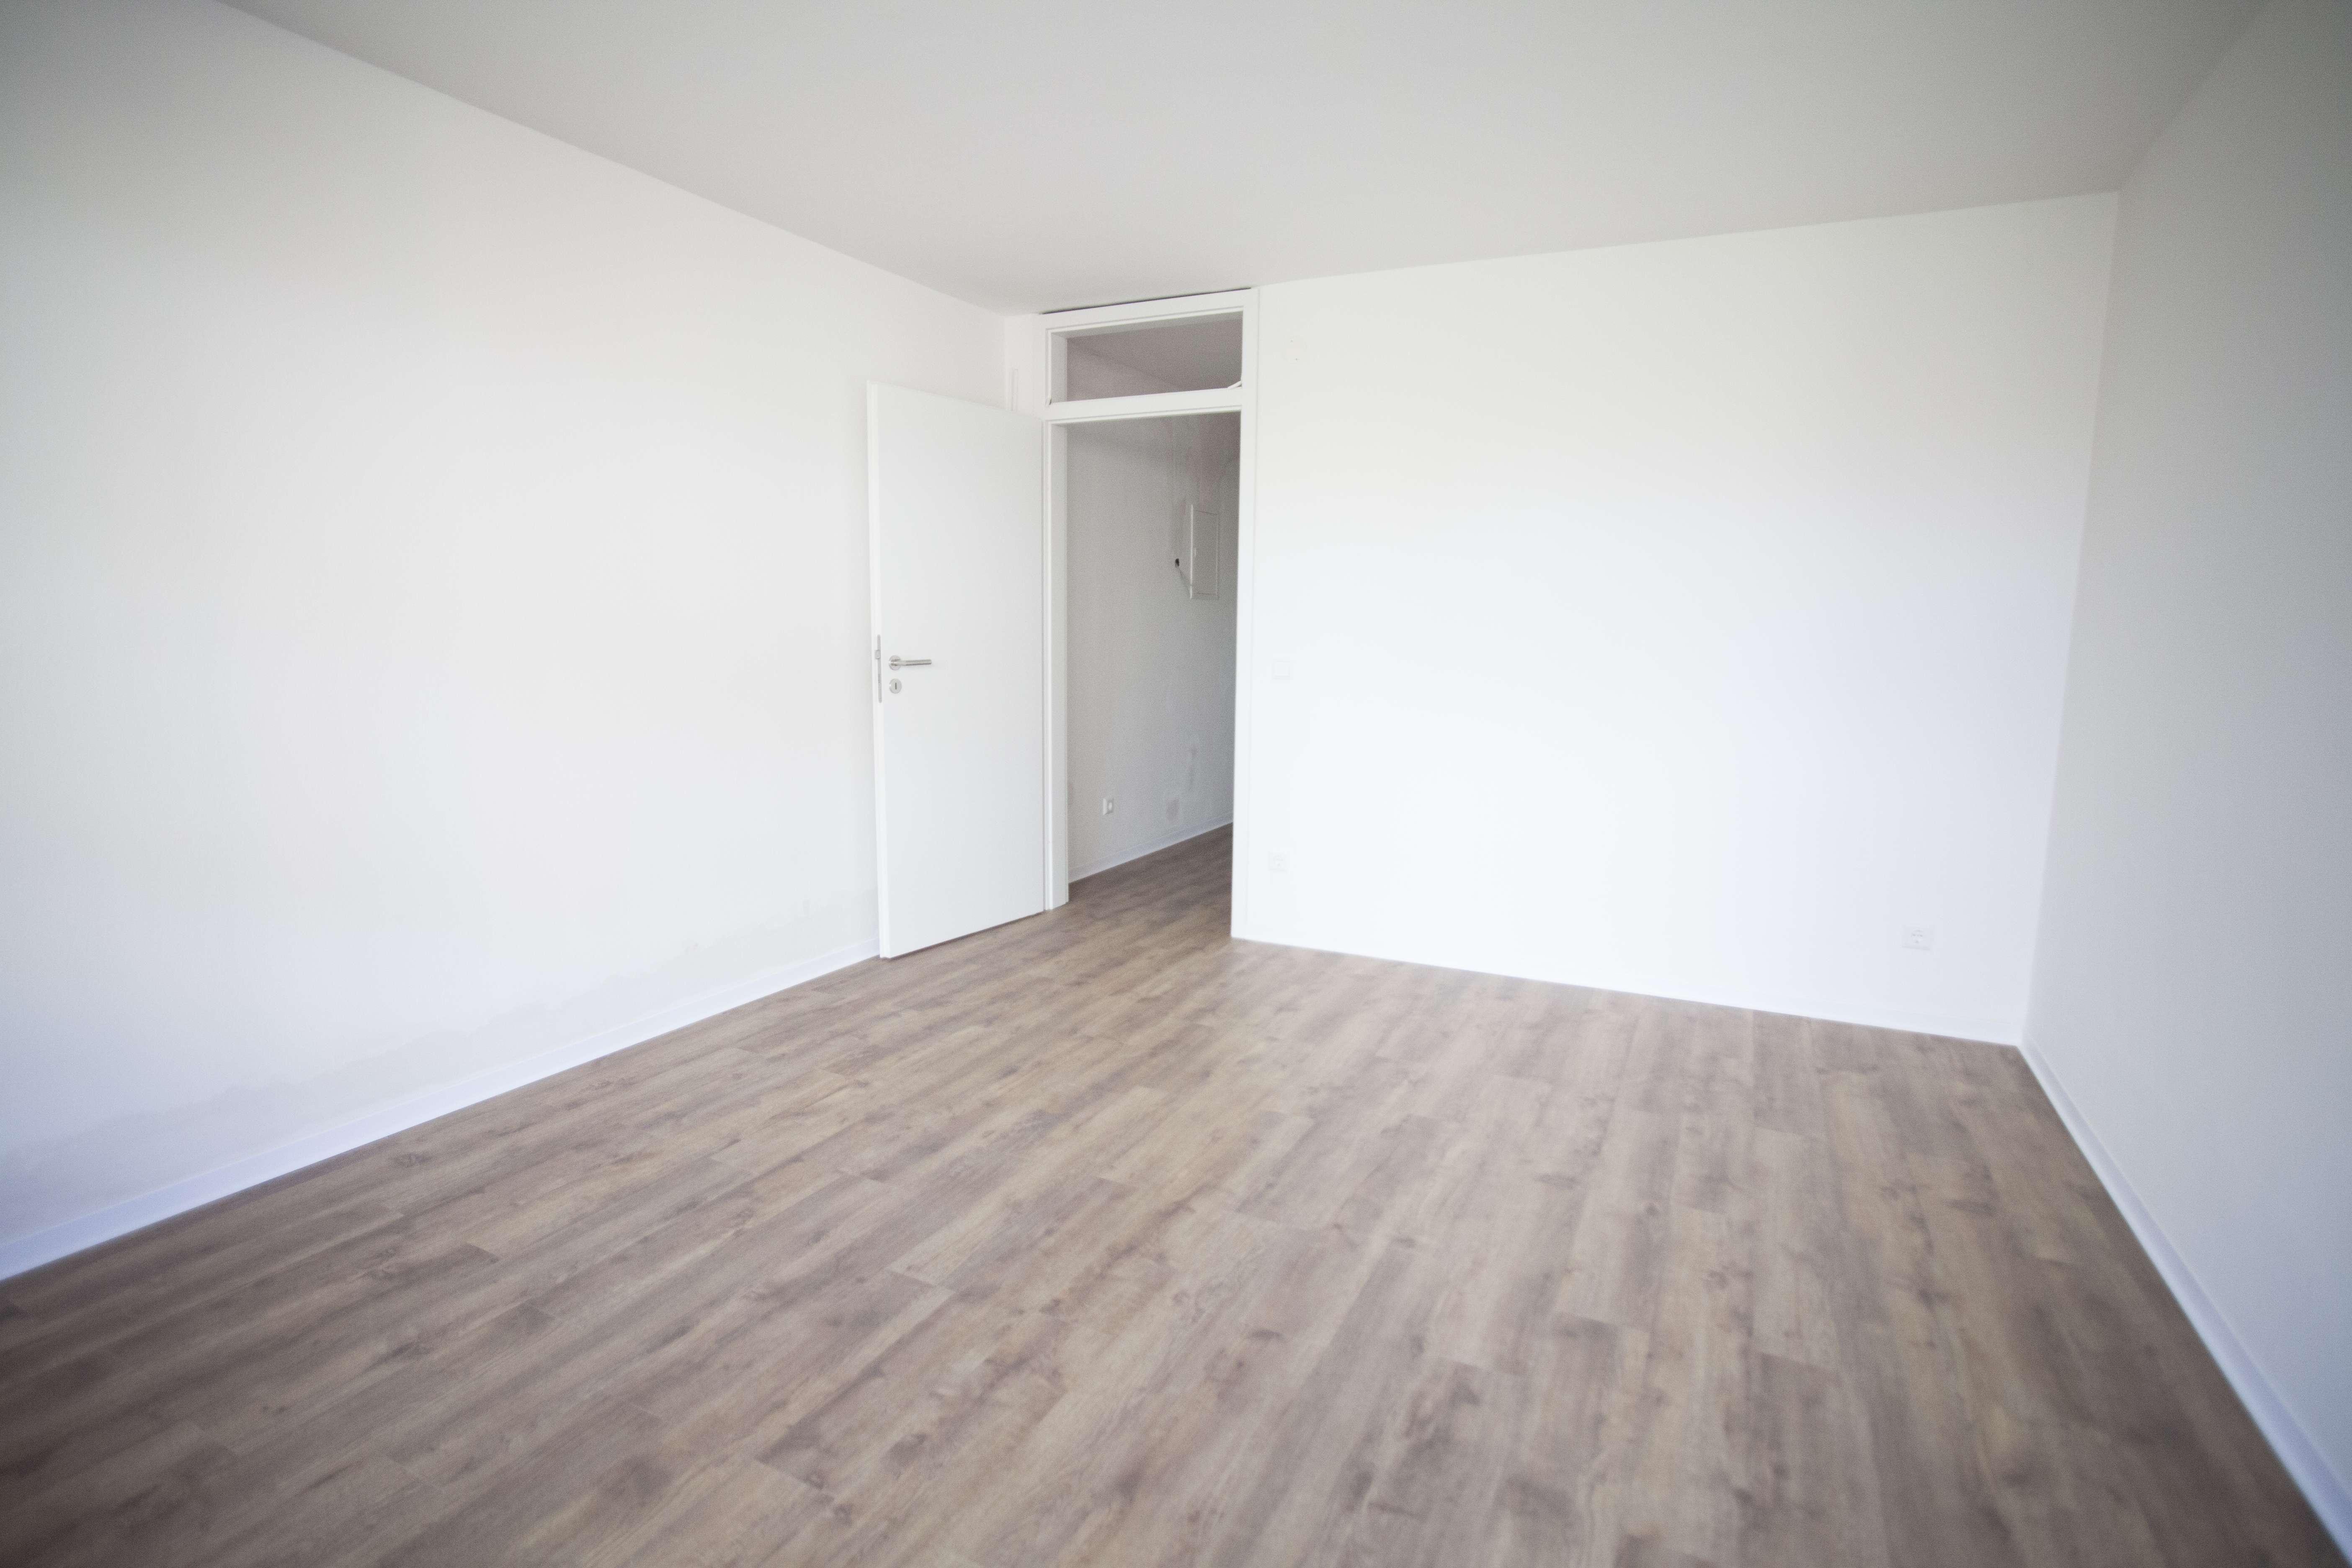 Schönes, helles 1-Zimmerapartment zentraler, ruhiger Lage direkt am Cramer-Klett-Park in Wöhrd